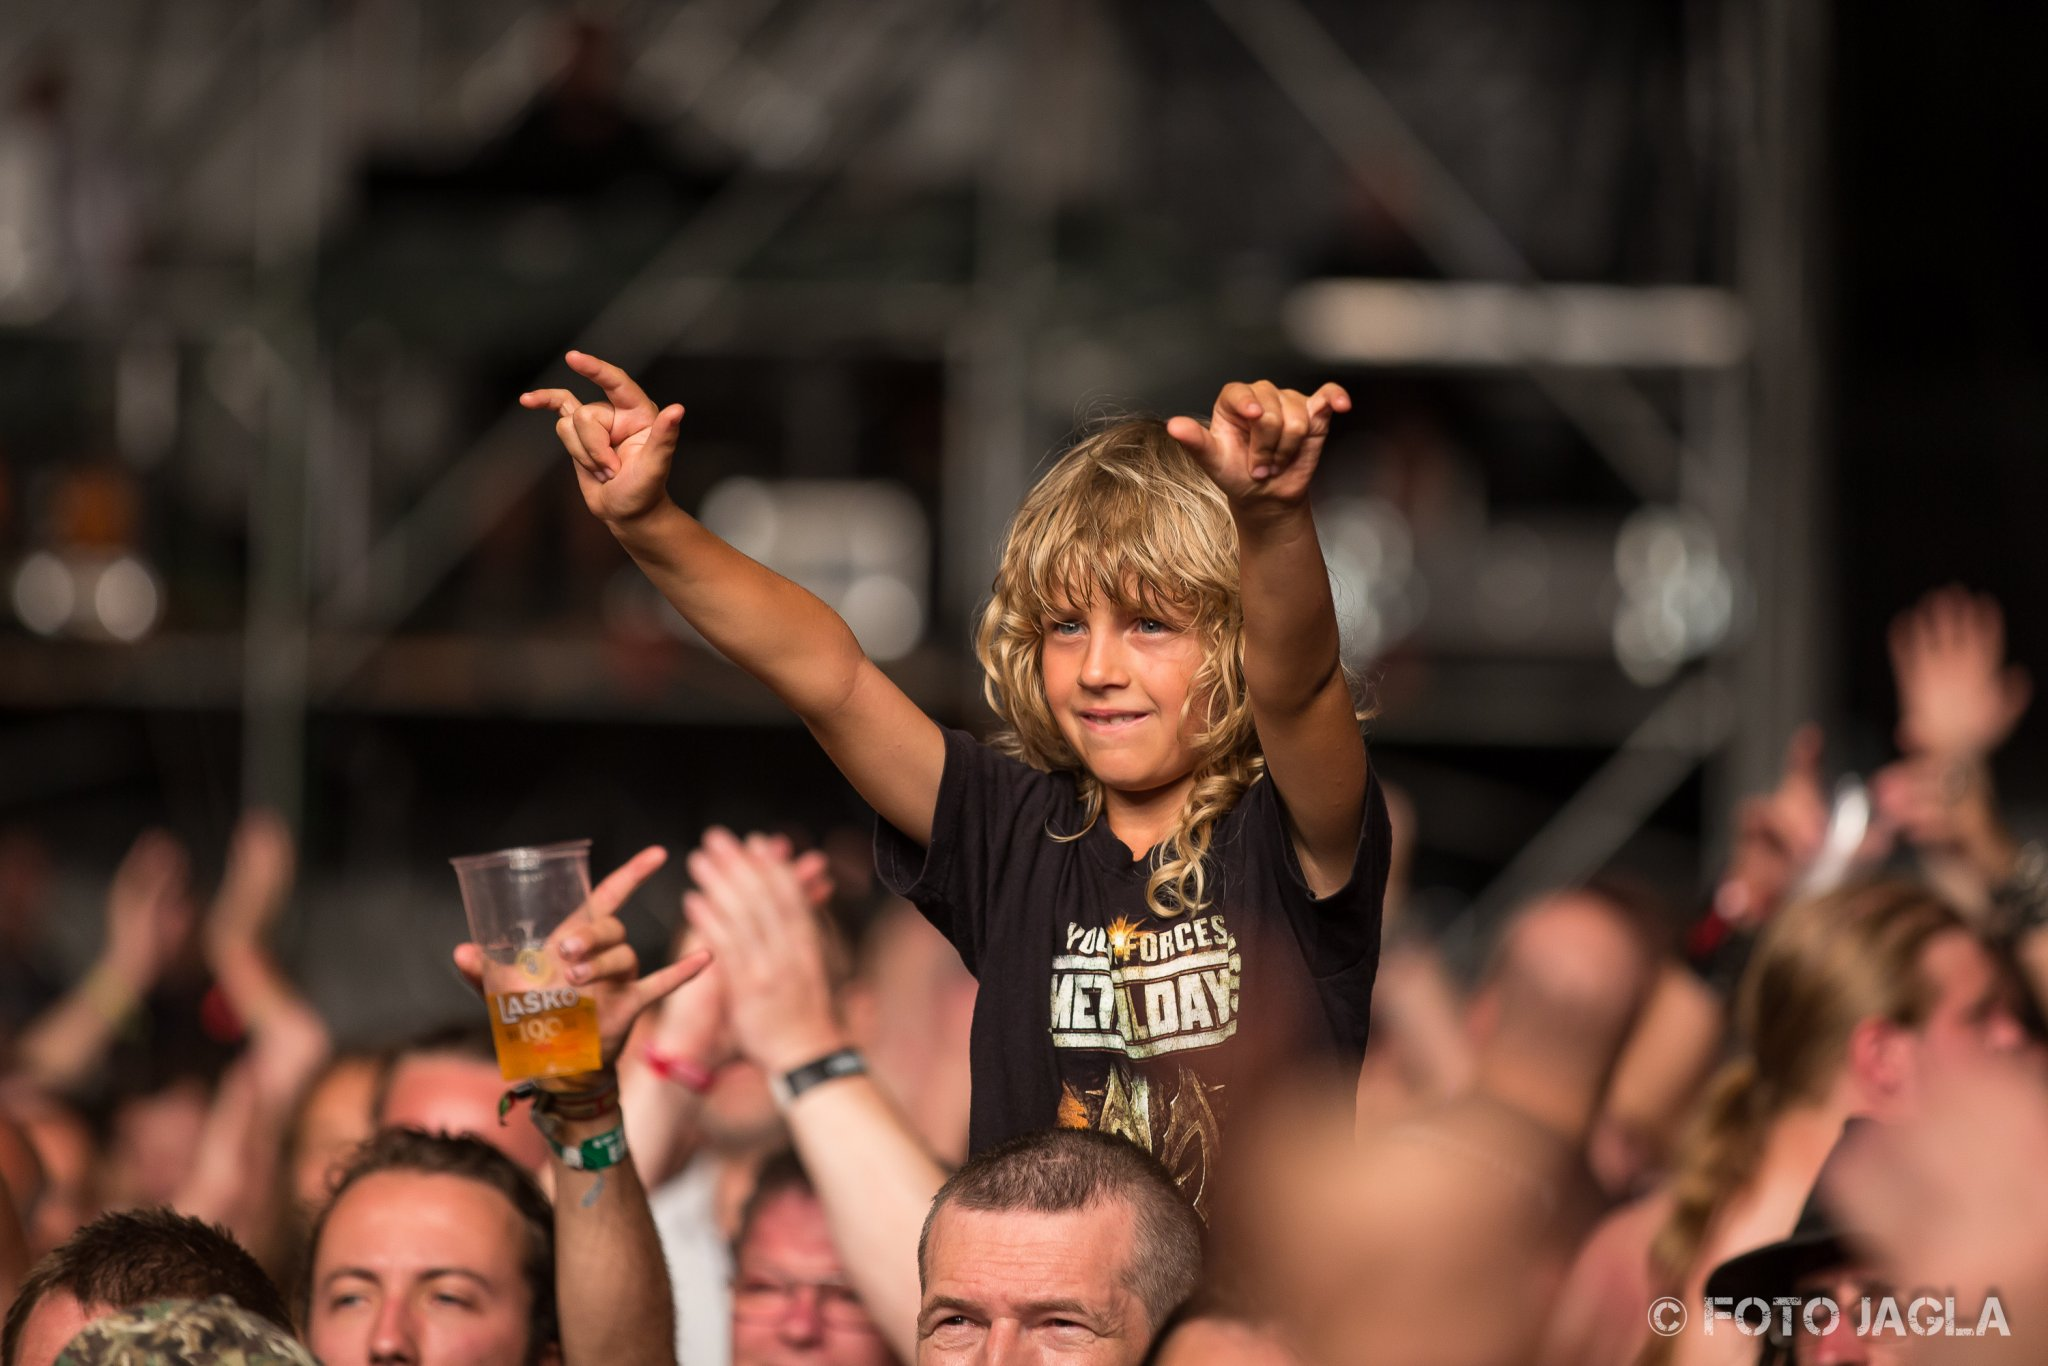 Metaldays 2015 (Day 1) ::. Crowd during Queensrÿche